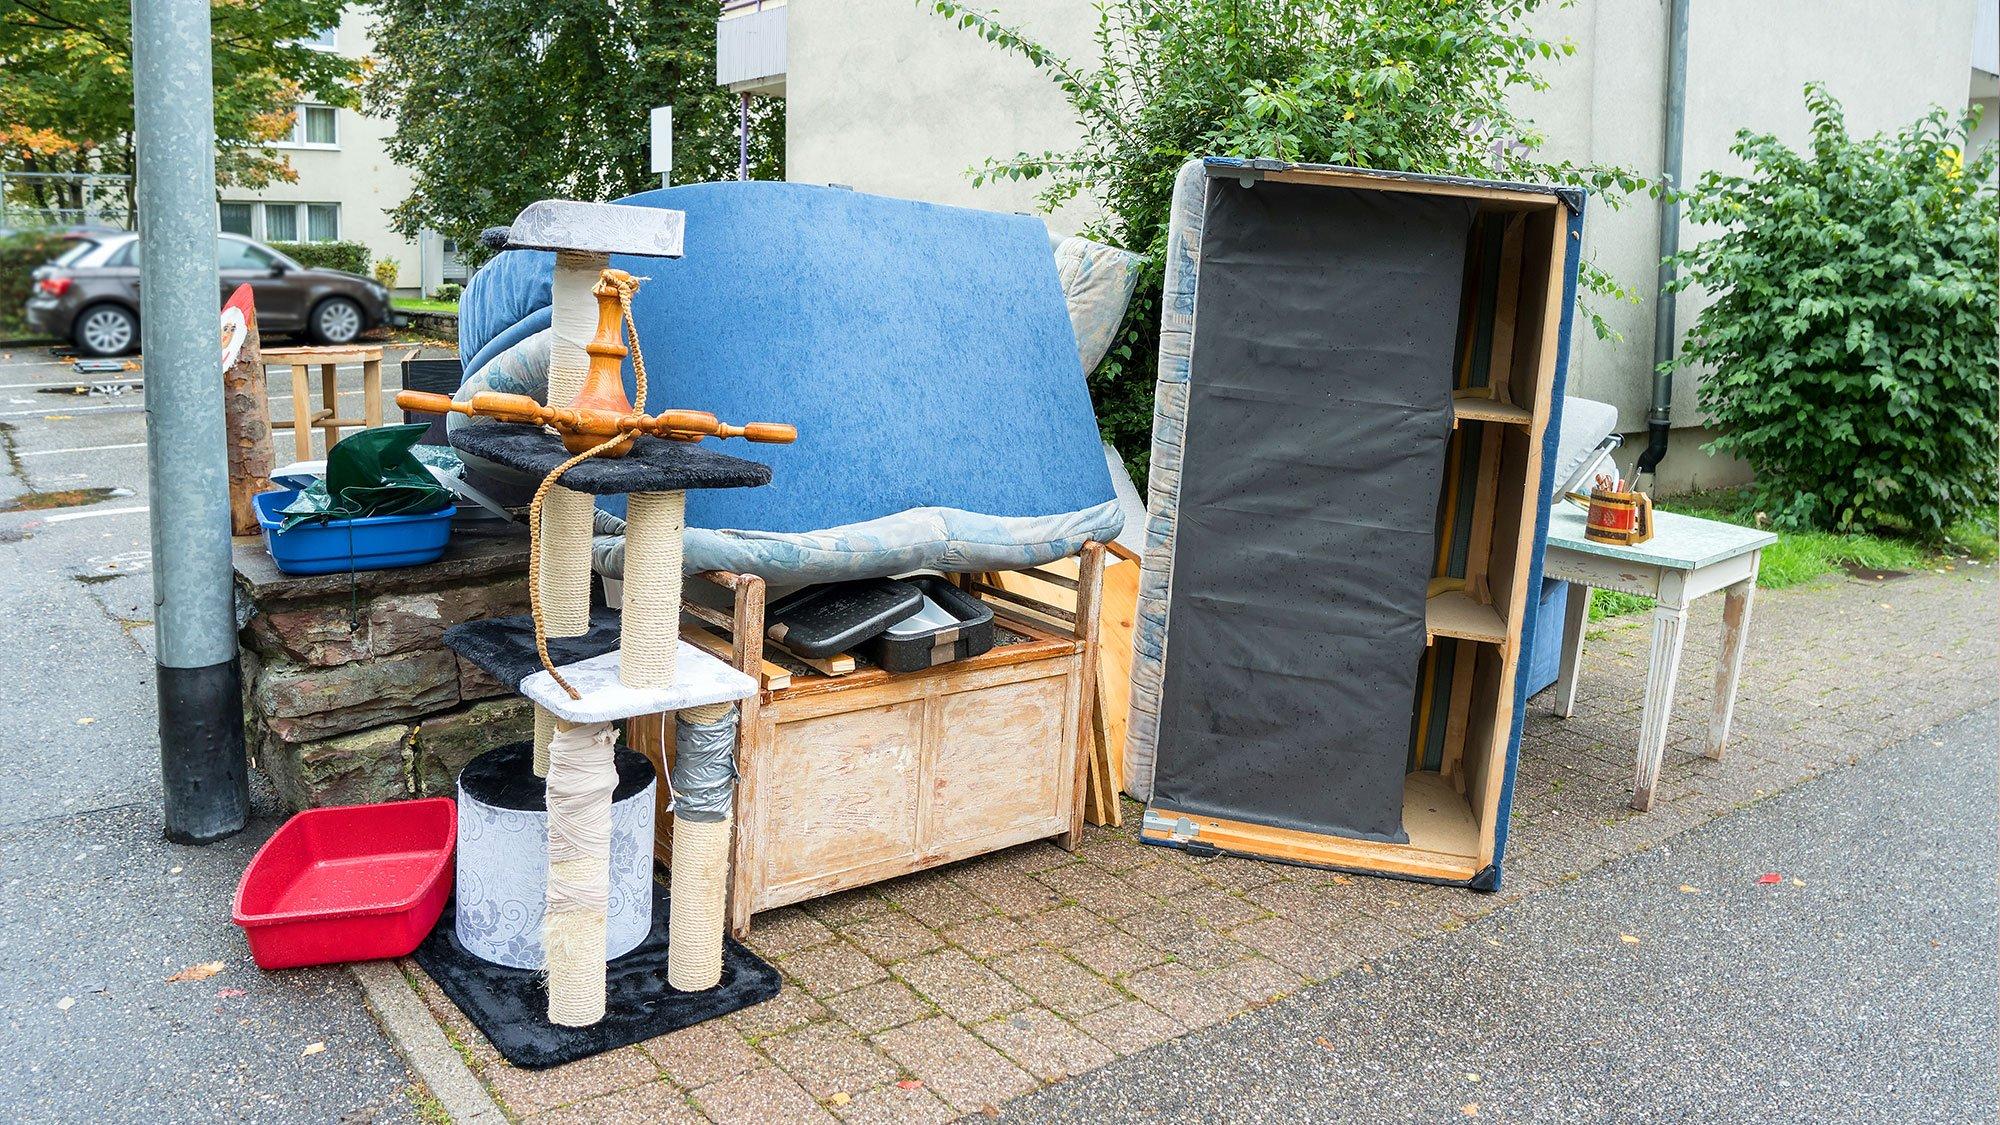 dei mobili e altri oggetti in strada